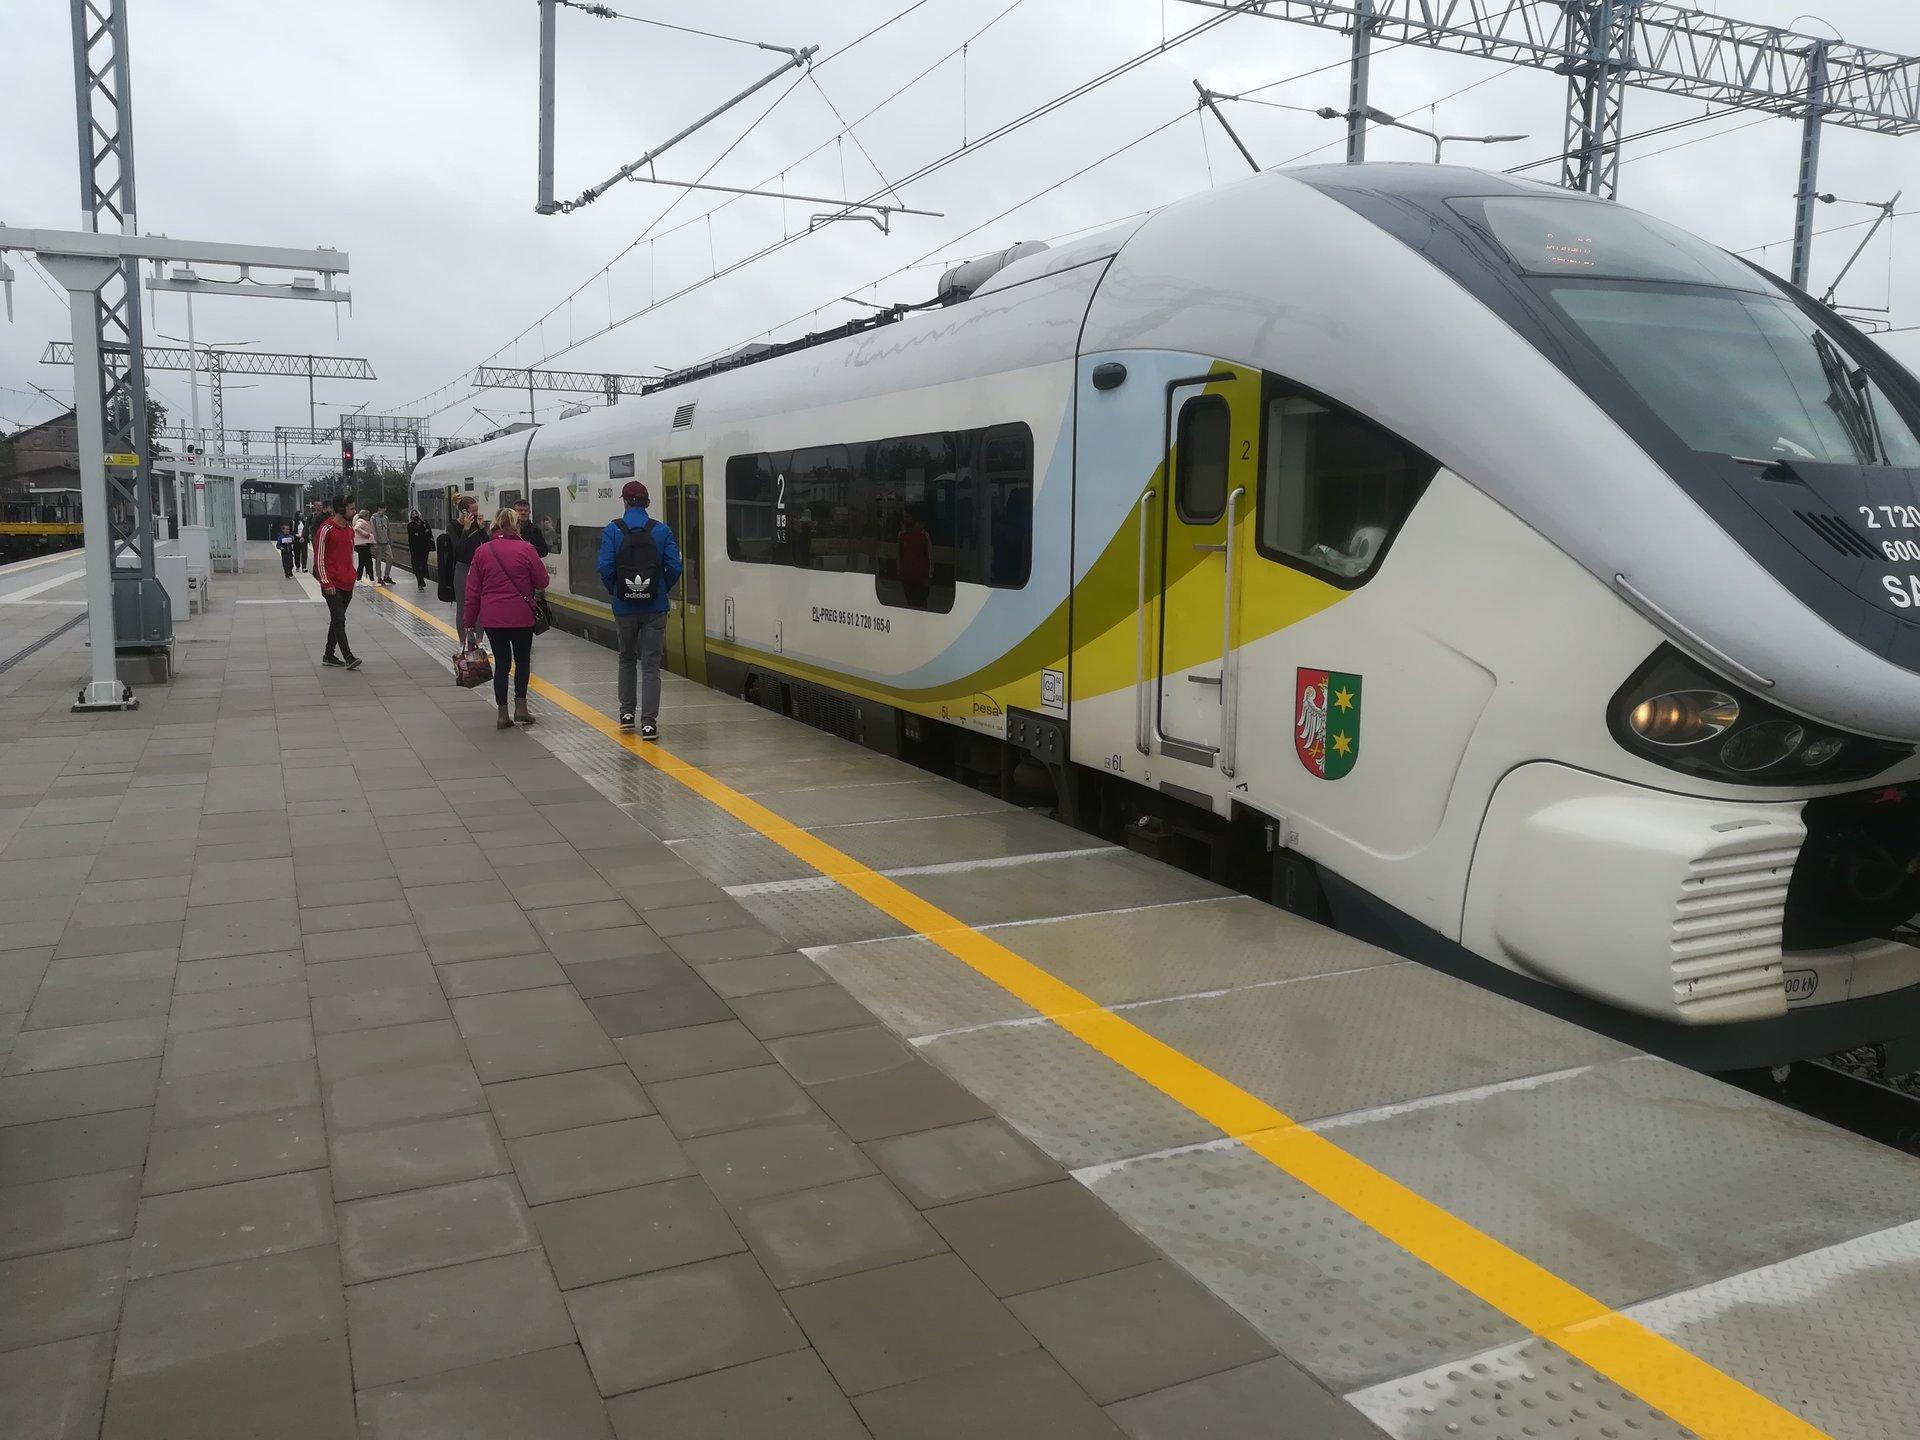 Na zdjęciu widać pasażerów wsiadających do pociągu z nowo otwartego peronu na stacji Rokietnica.